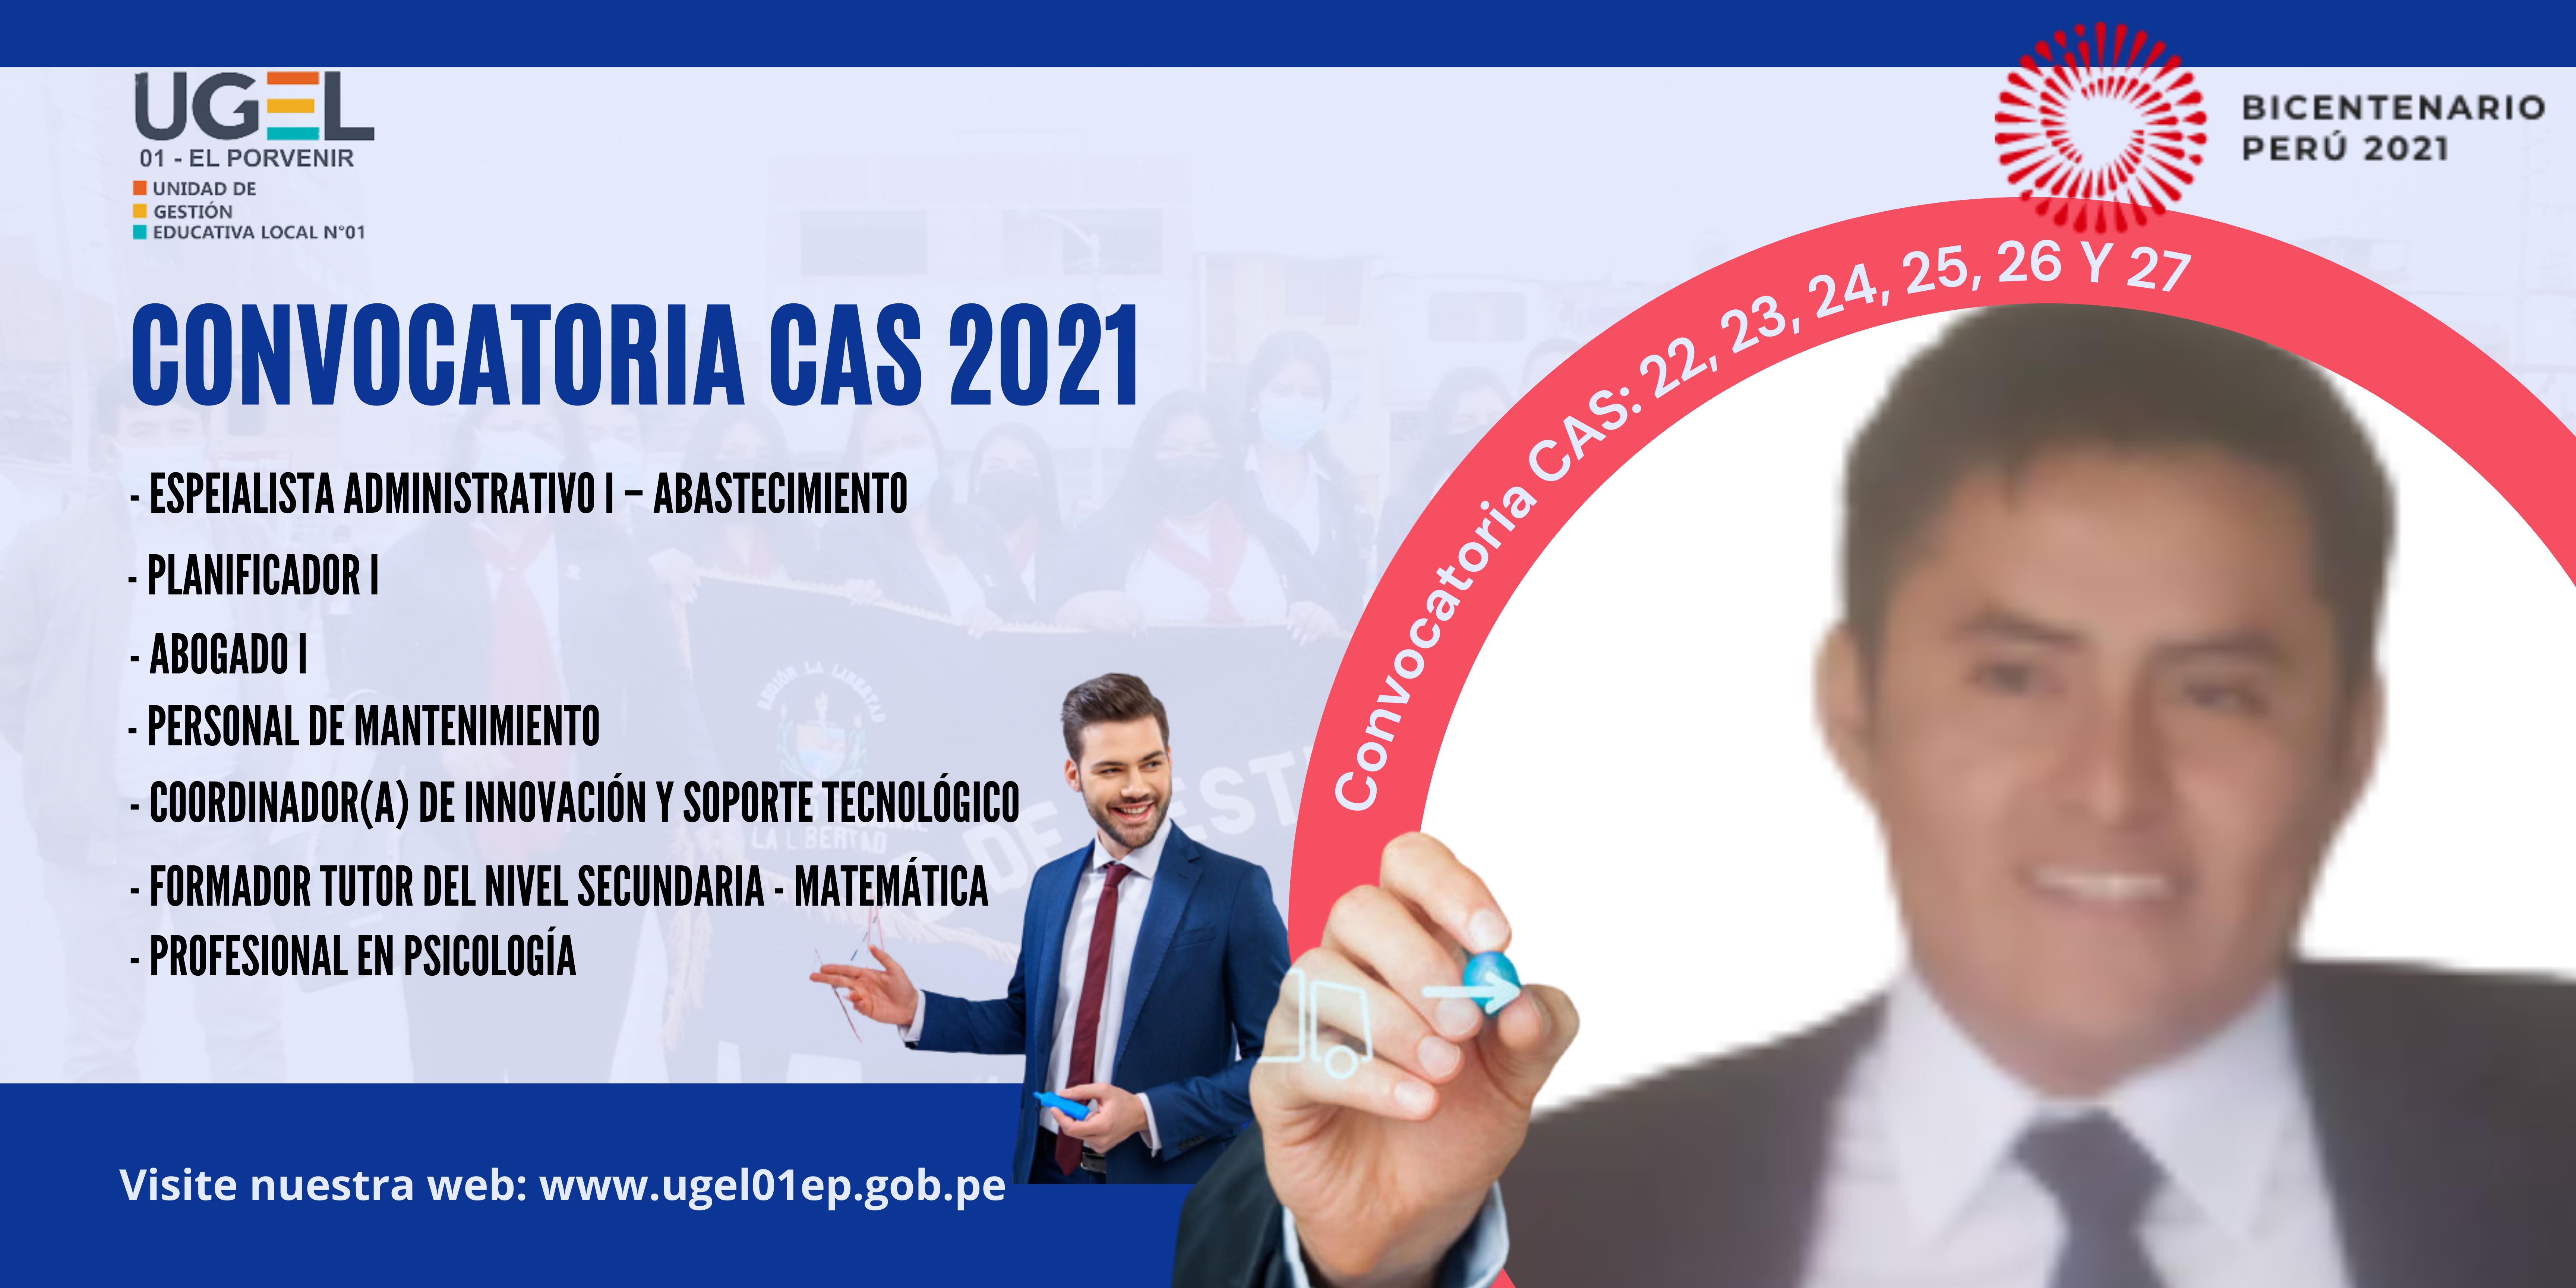 CONVOCATORIA CAS 2021